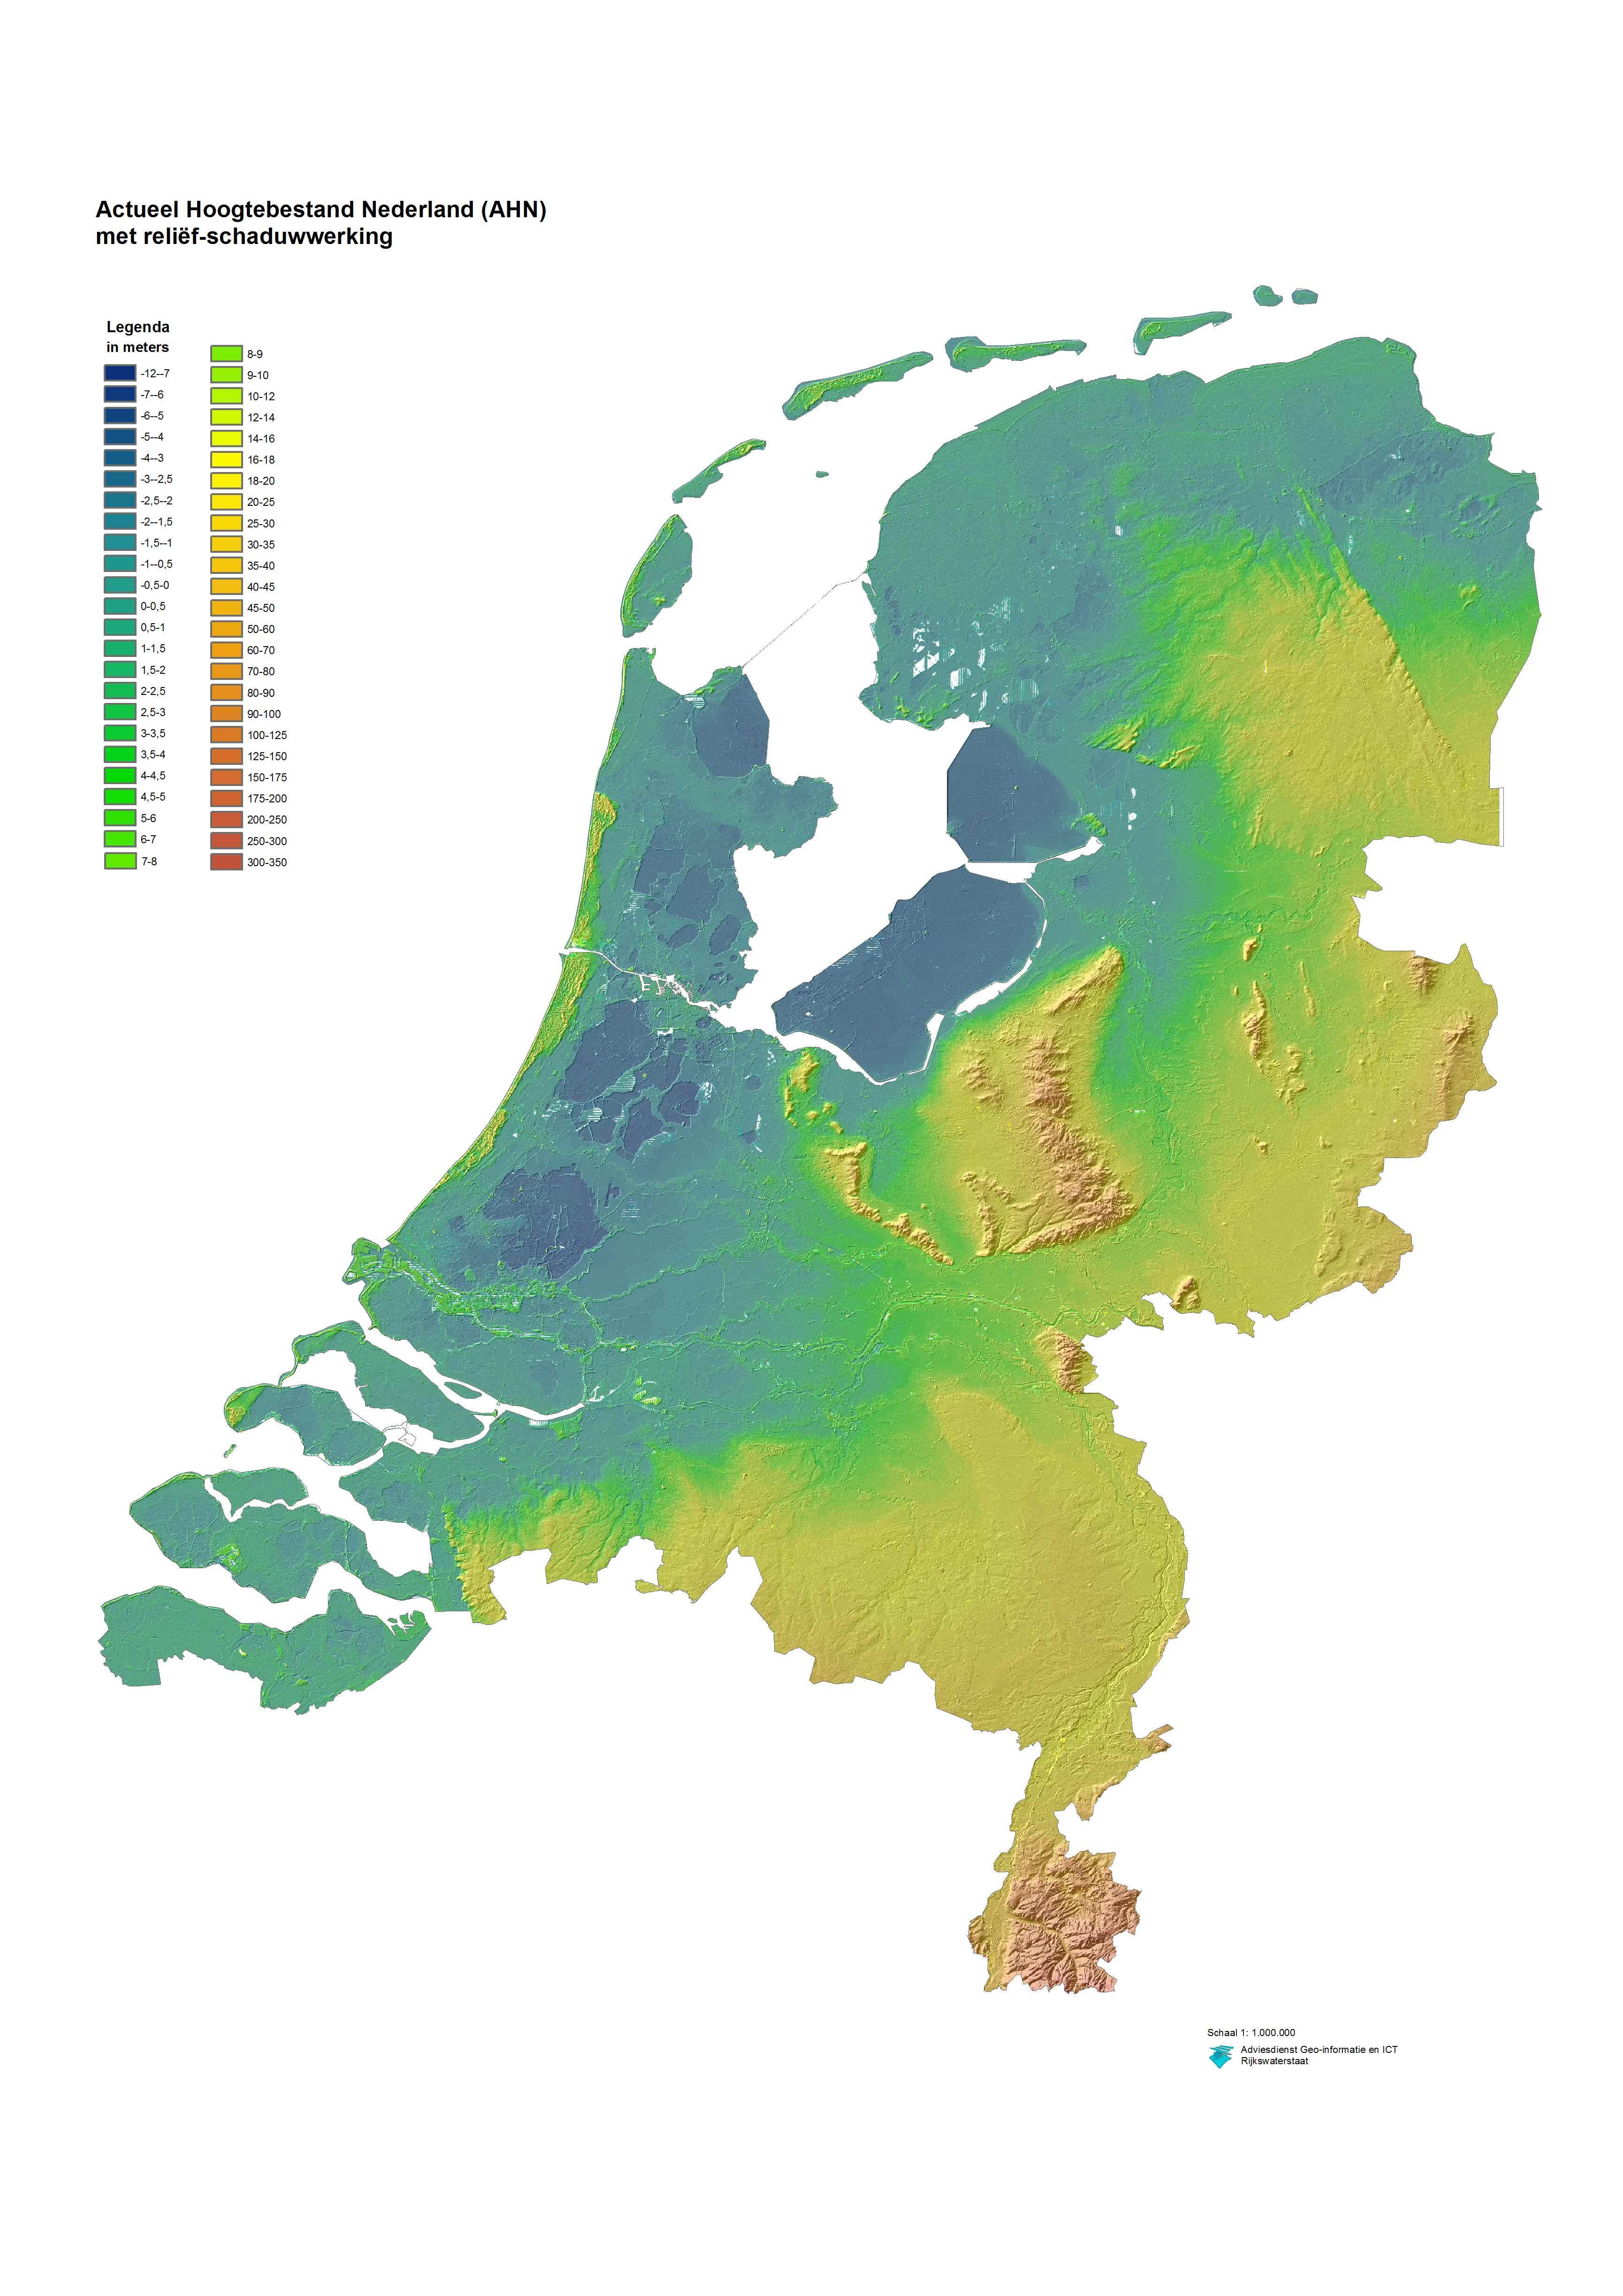 http://www.swartvast.nl/plaatjes/AHN_Nederland_2003.jpg